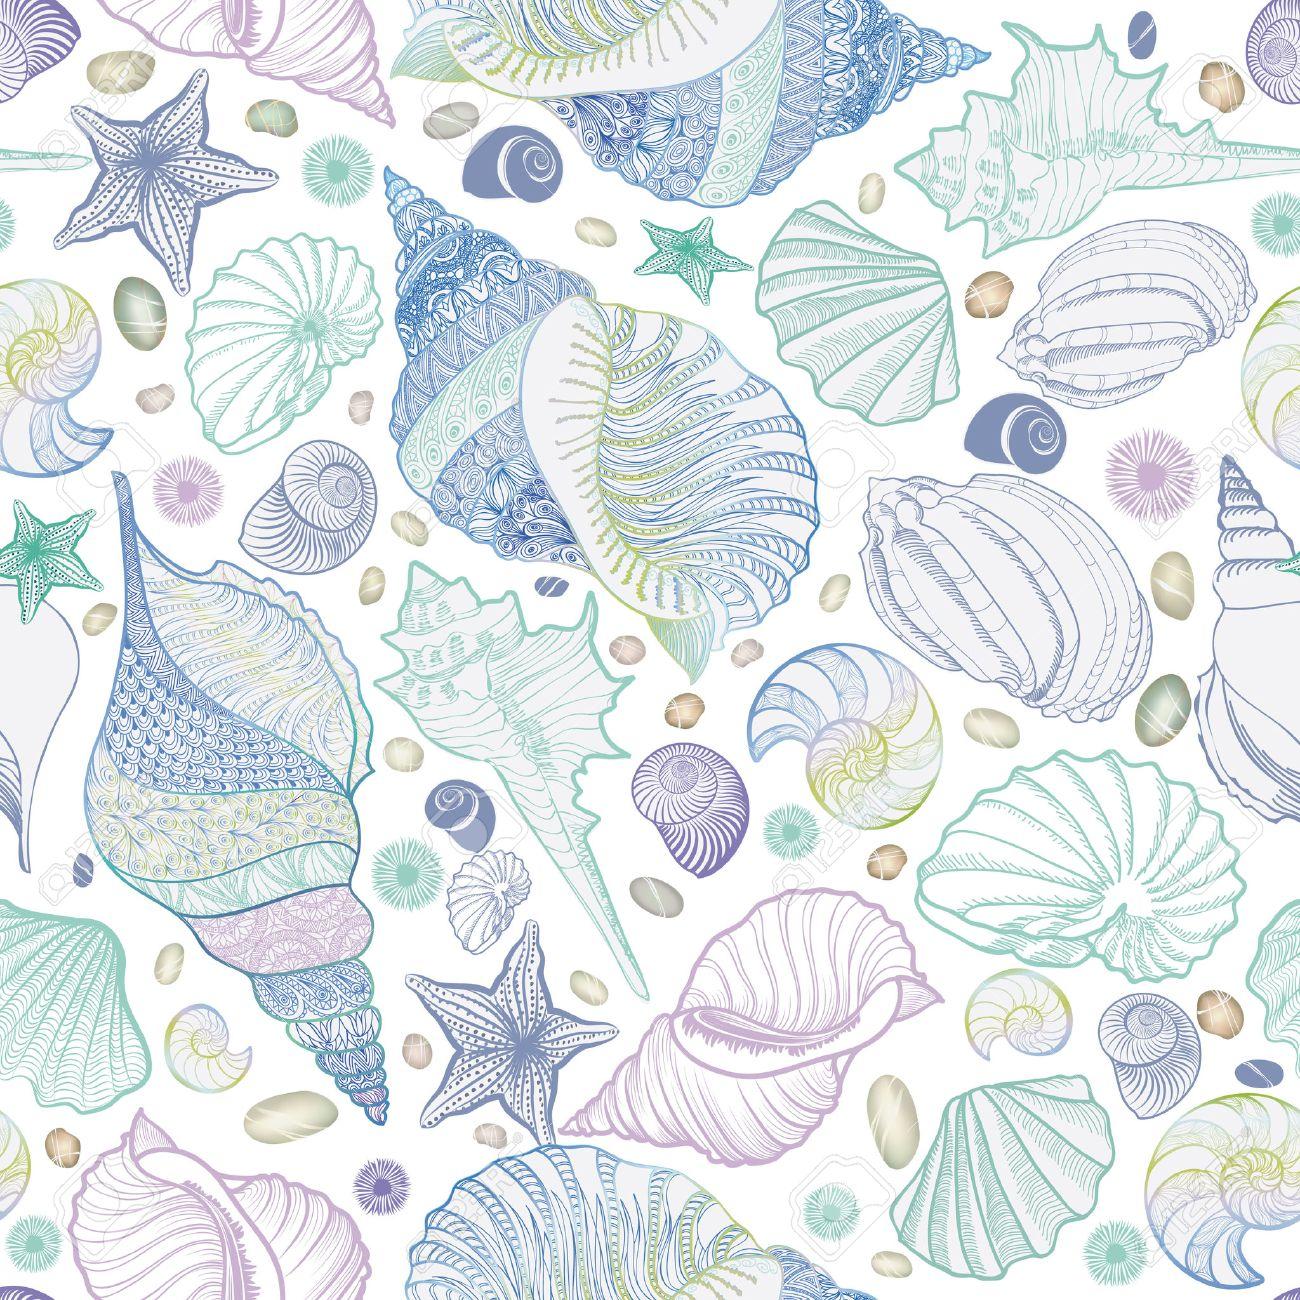 貝殻のシームレスなパターン 夏の休日の海洋背景 水中観賞用テクスチャ 海の貝 海の星砂とスケッチの壁紙です のイラスト素材 ベクタ Image